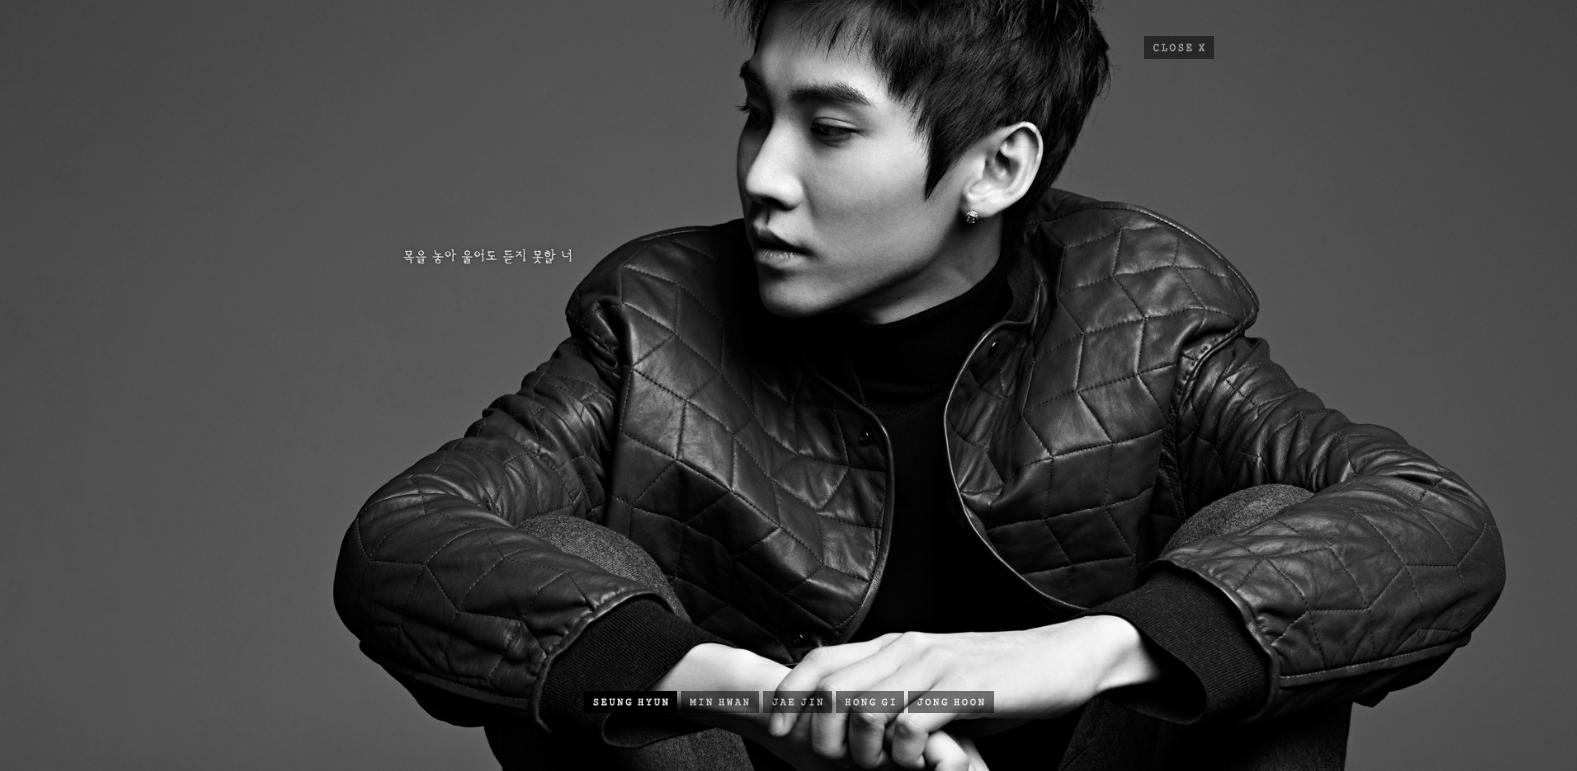 101113 - seunghyun teaser photo @ madly